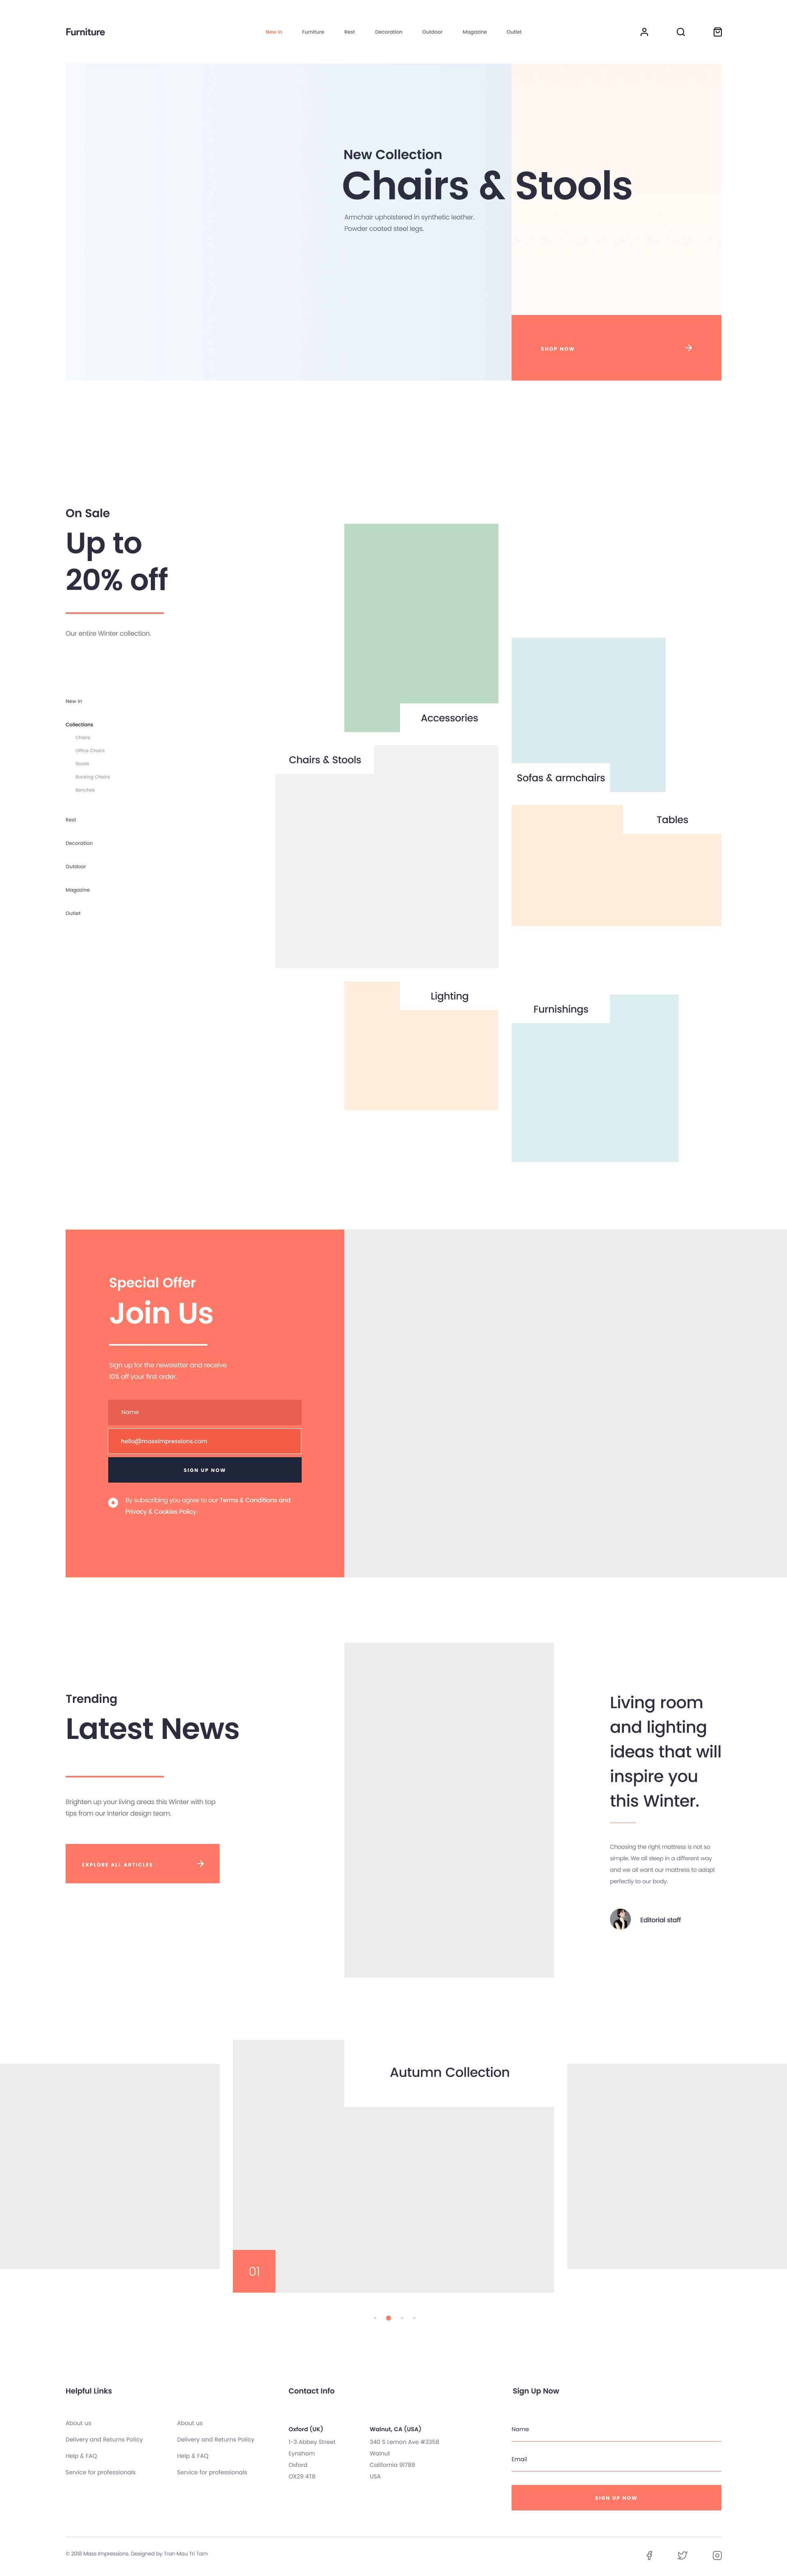 完整的家具网站页面模板.sketch素材下载 网页模板-第7张